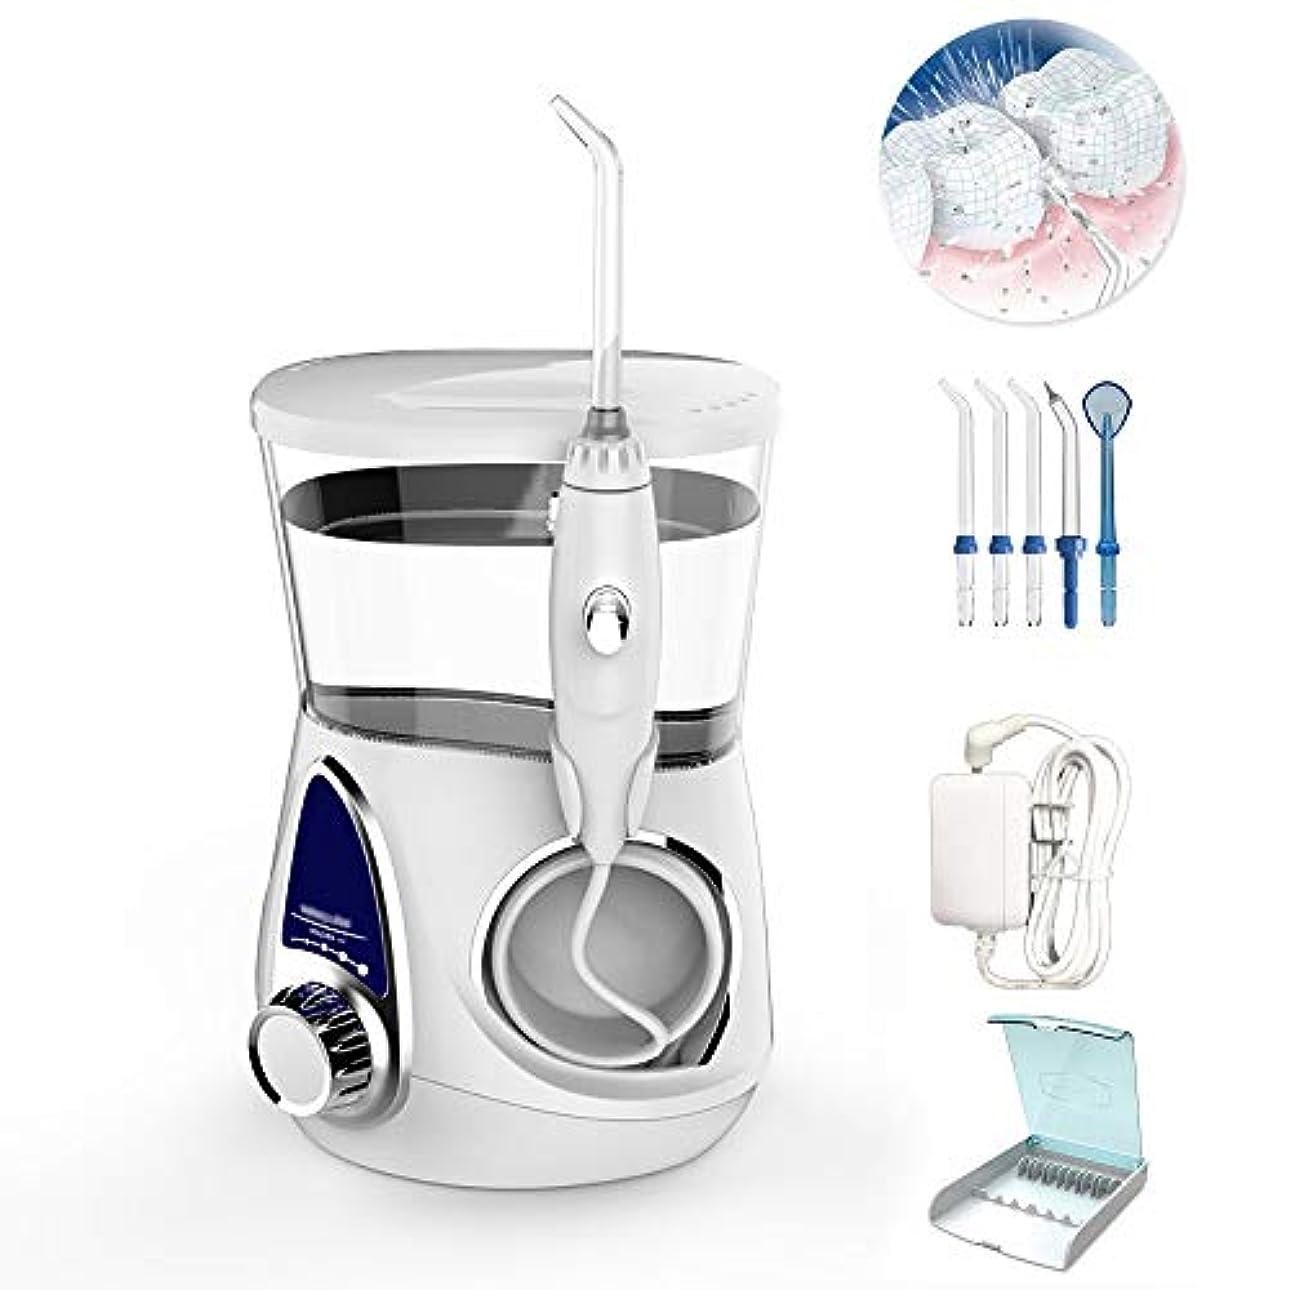 収入装備する没頭する口腔洗浄器フロスウォータージェット、歯用電動フロッサ、3つの標準ノズル+ 1つの歯周ポケットノズル+ 1つの舌スクレーパー+ 1つのノズル収納ボックス、100-240V、700Ml,White-B